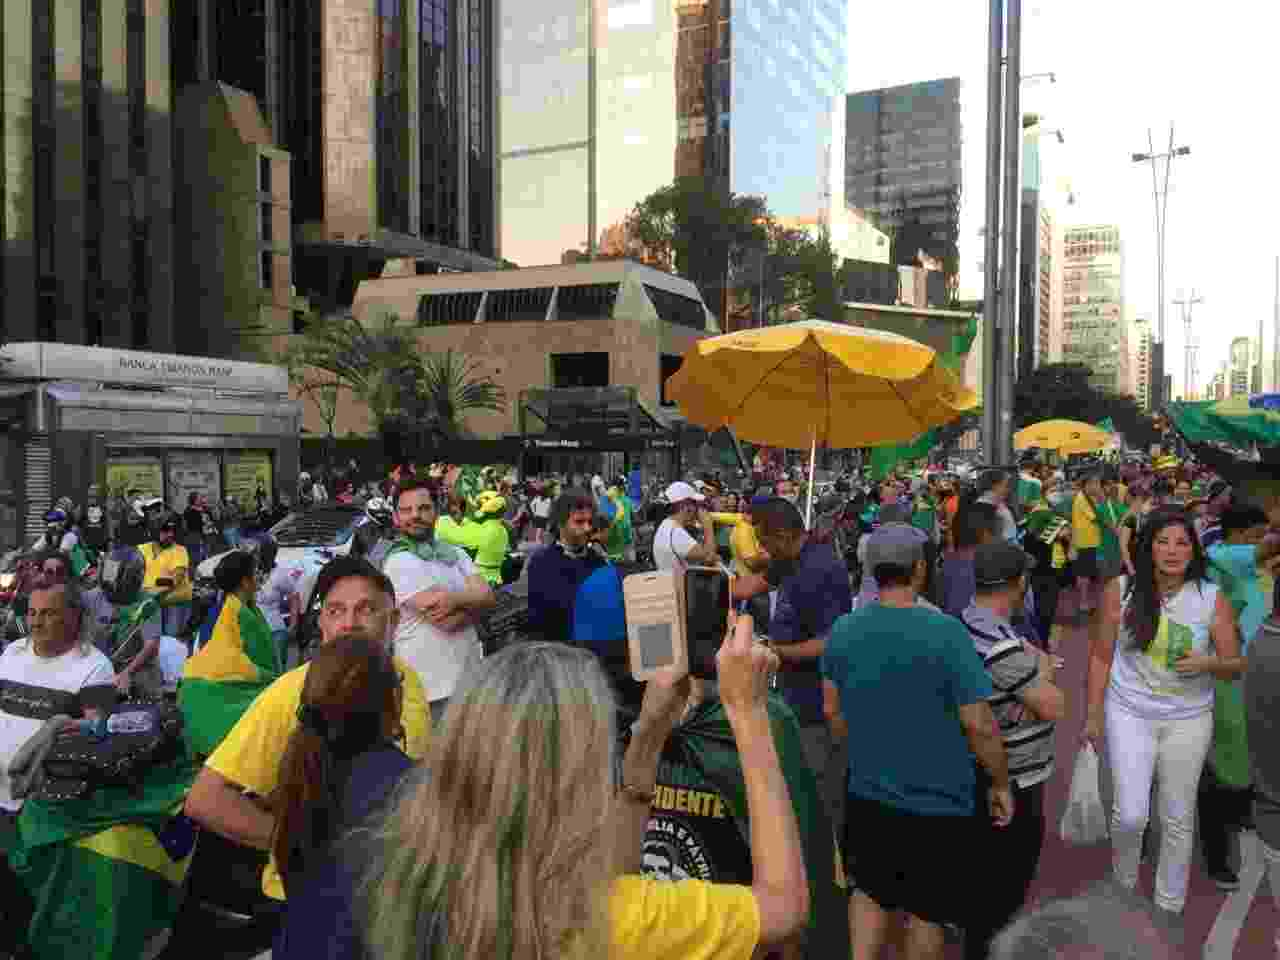 Manifestantes ignoram isolamento social e fazem ato pró-Bolsonaro e anti-Doria em São Paulo - Aiuri Rebello/UOL